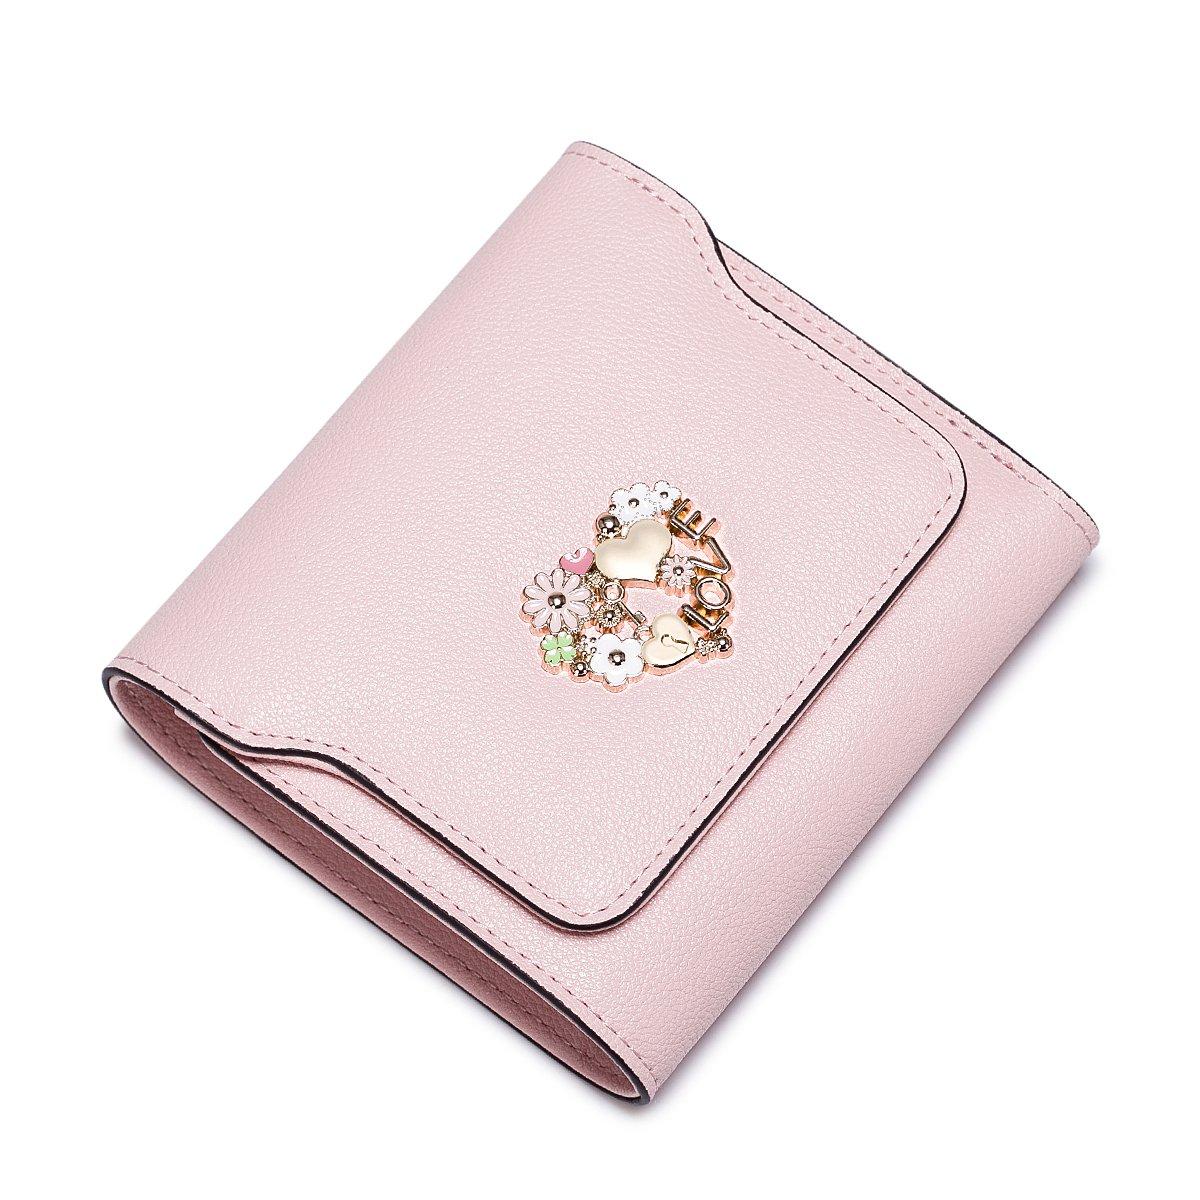 NUCELLEニュージーランド2018新しいトレンドの財布ショート韓国語バージョンのバックルの女性のファッション財布ソリッドカラーの野生の財布(口紅)